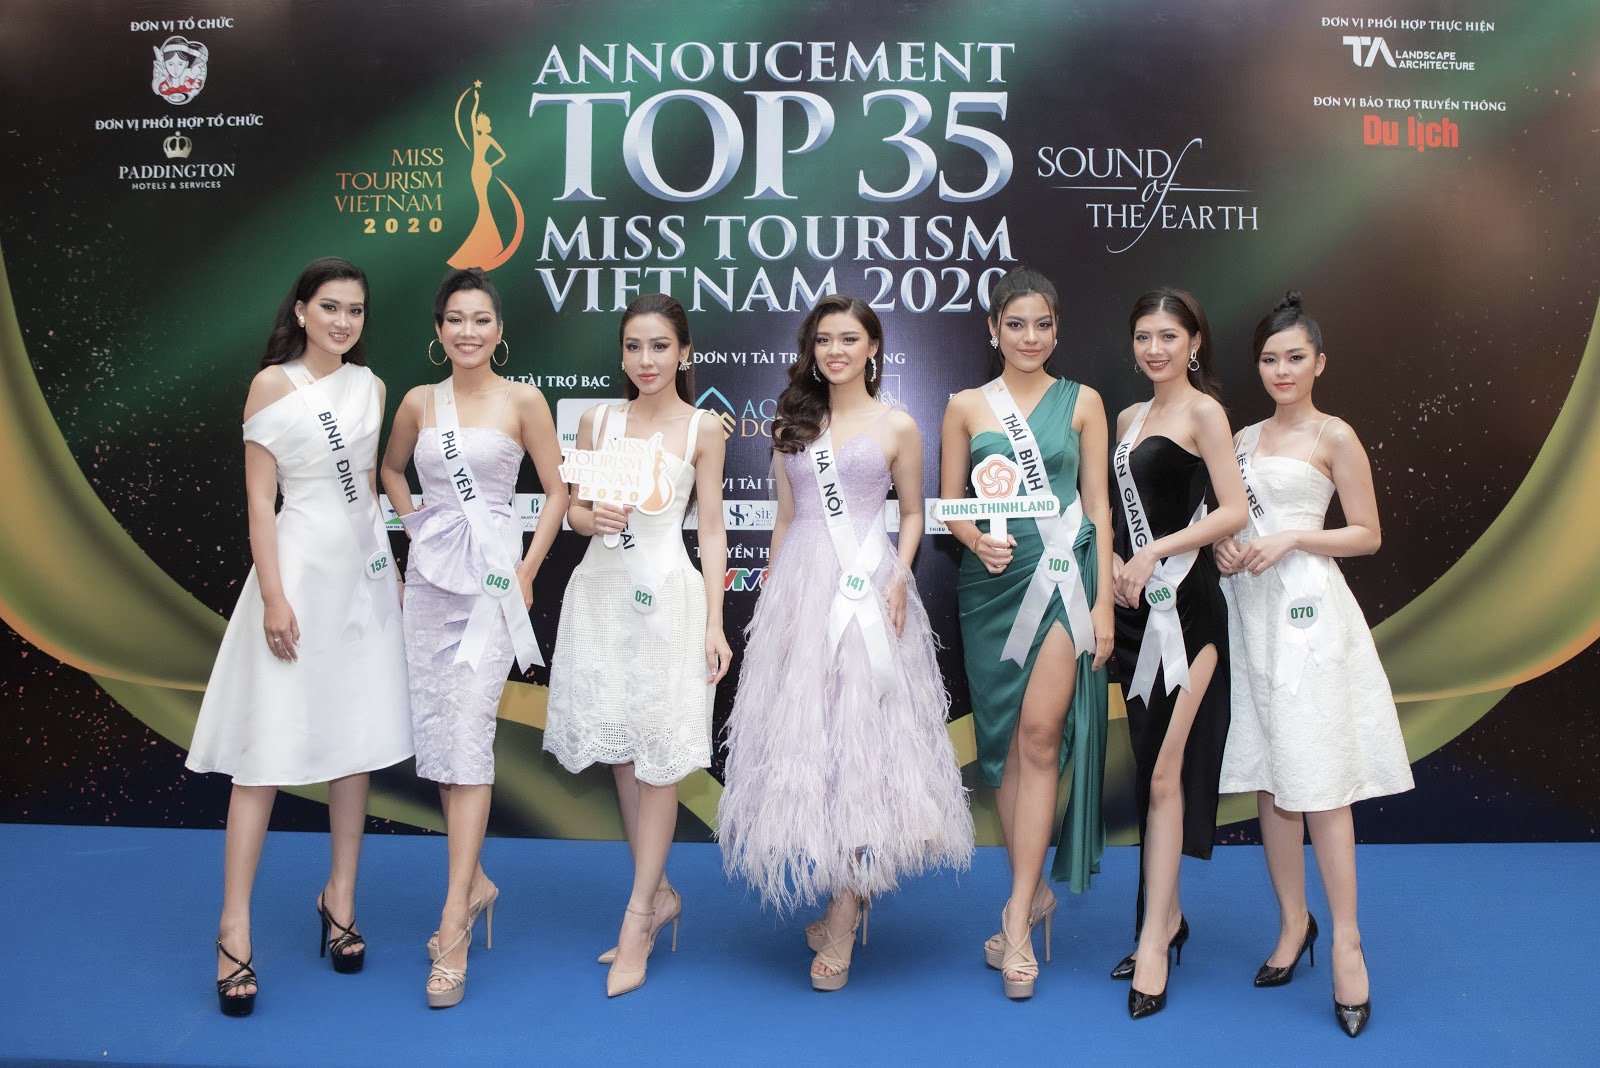 Rộ tin đồn 2 thí sinh Miss Tourism Vietnam 2020 bị loại thẳng tay trước đêm bán kết - Ảnh 1.